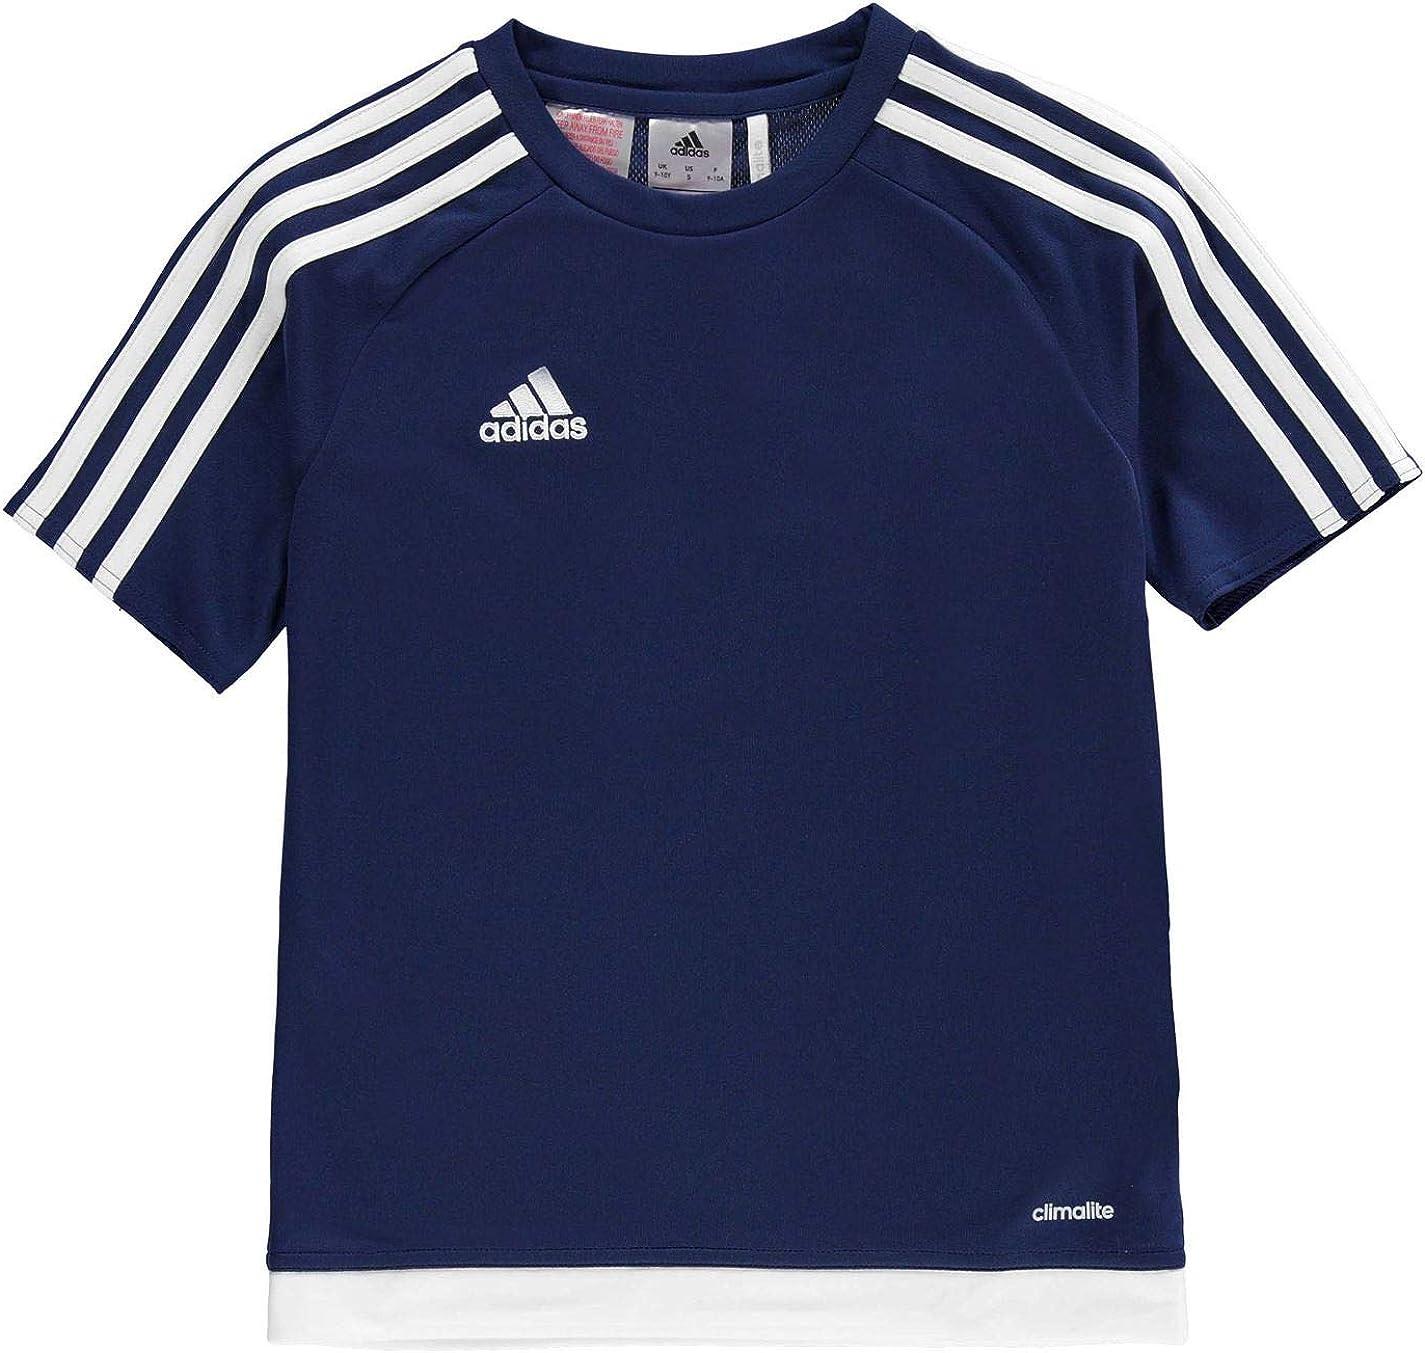 adidas Sereno Y T-Shirt Camiseta para niños. Unisex niños